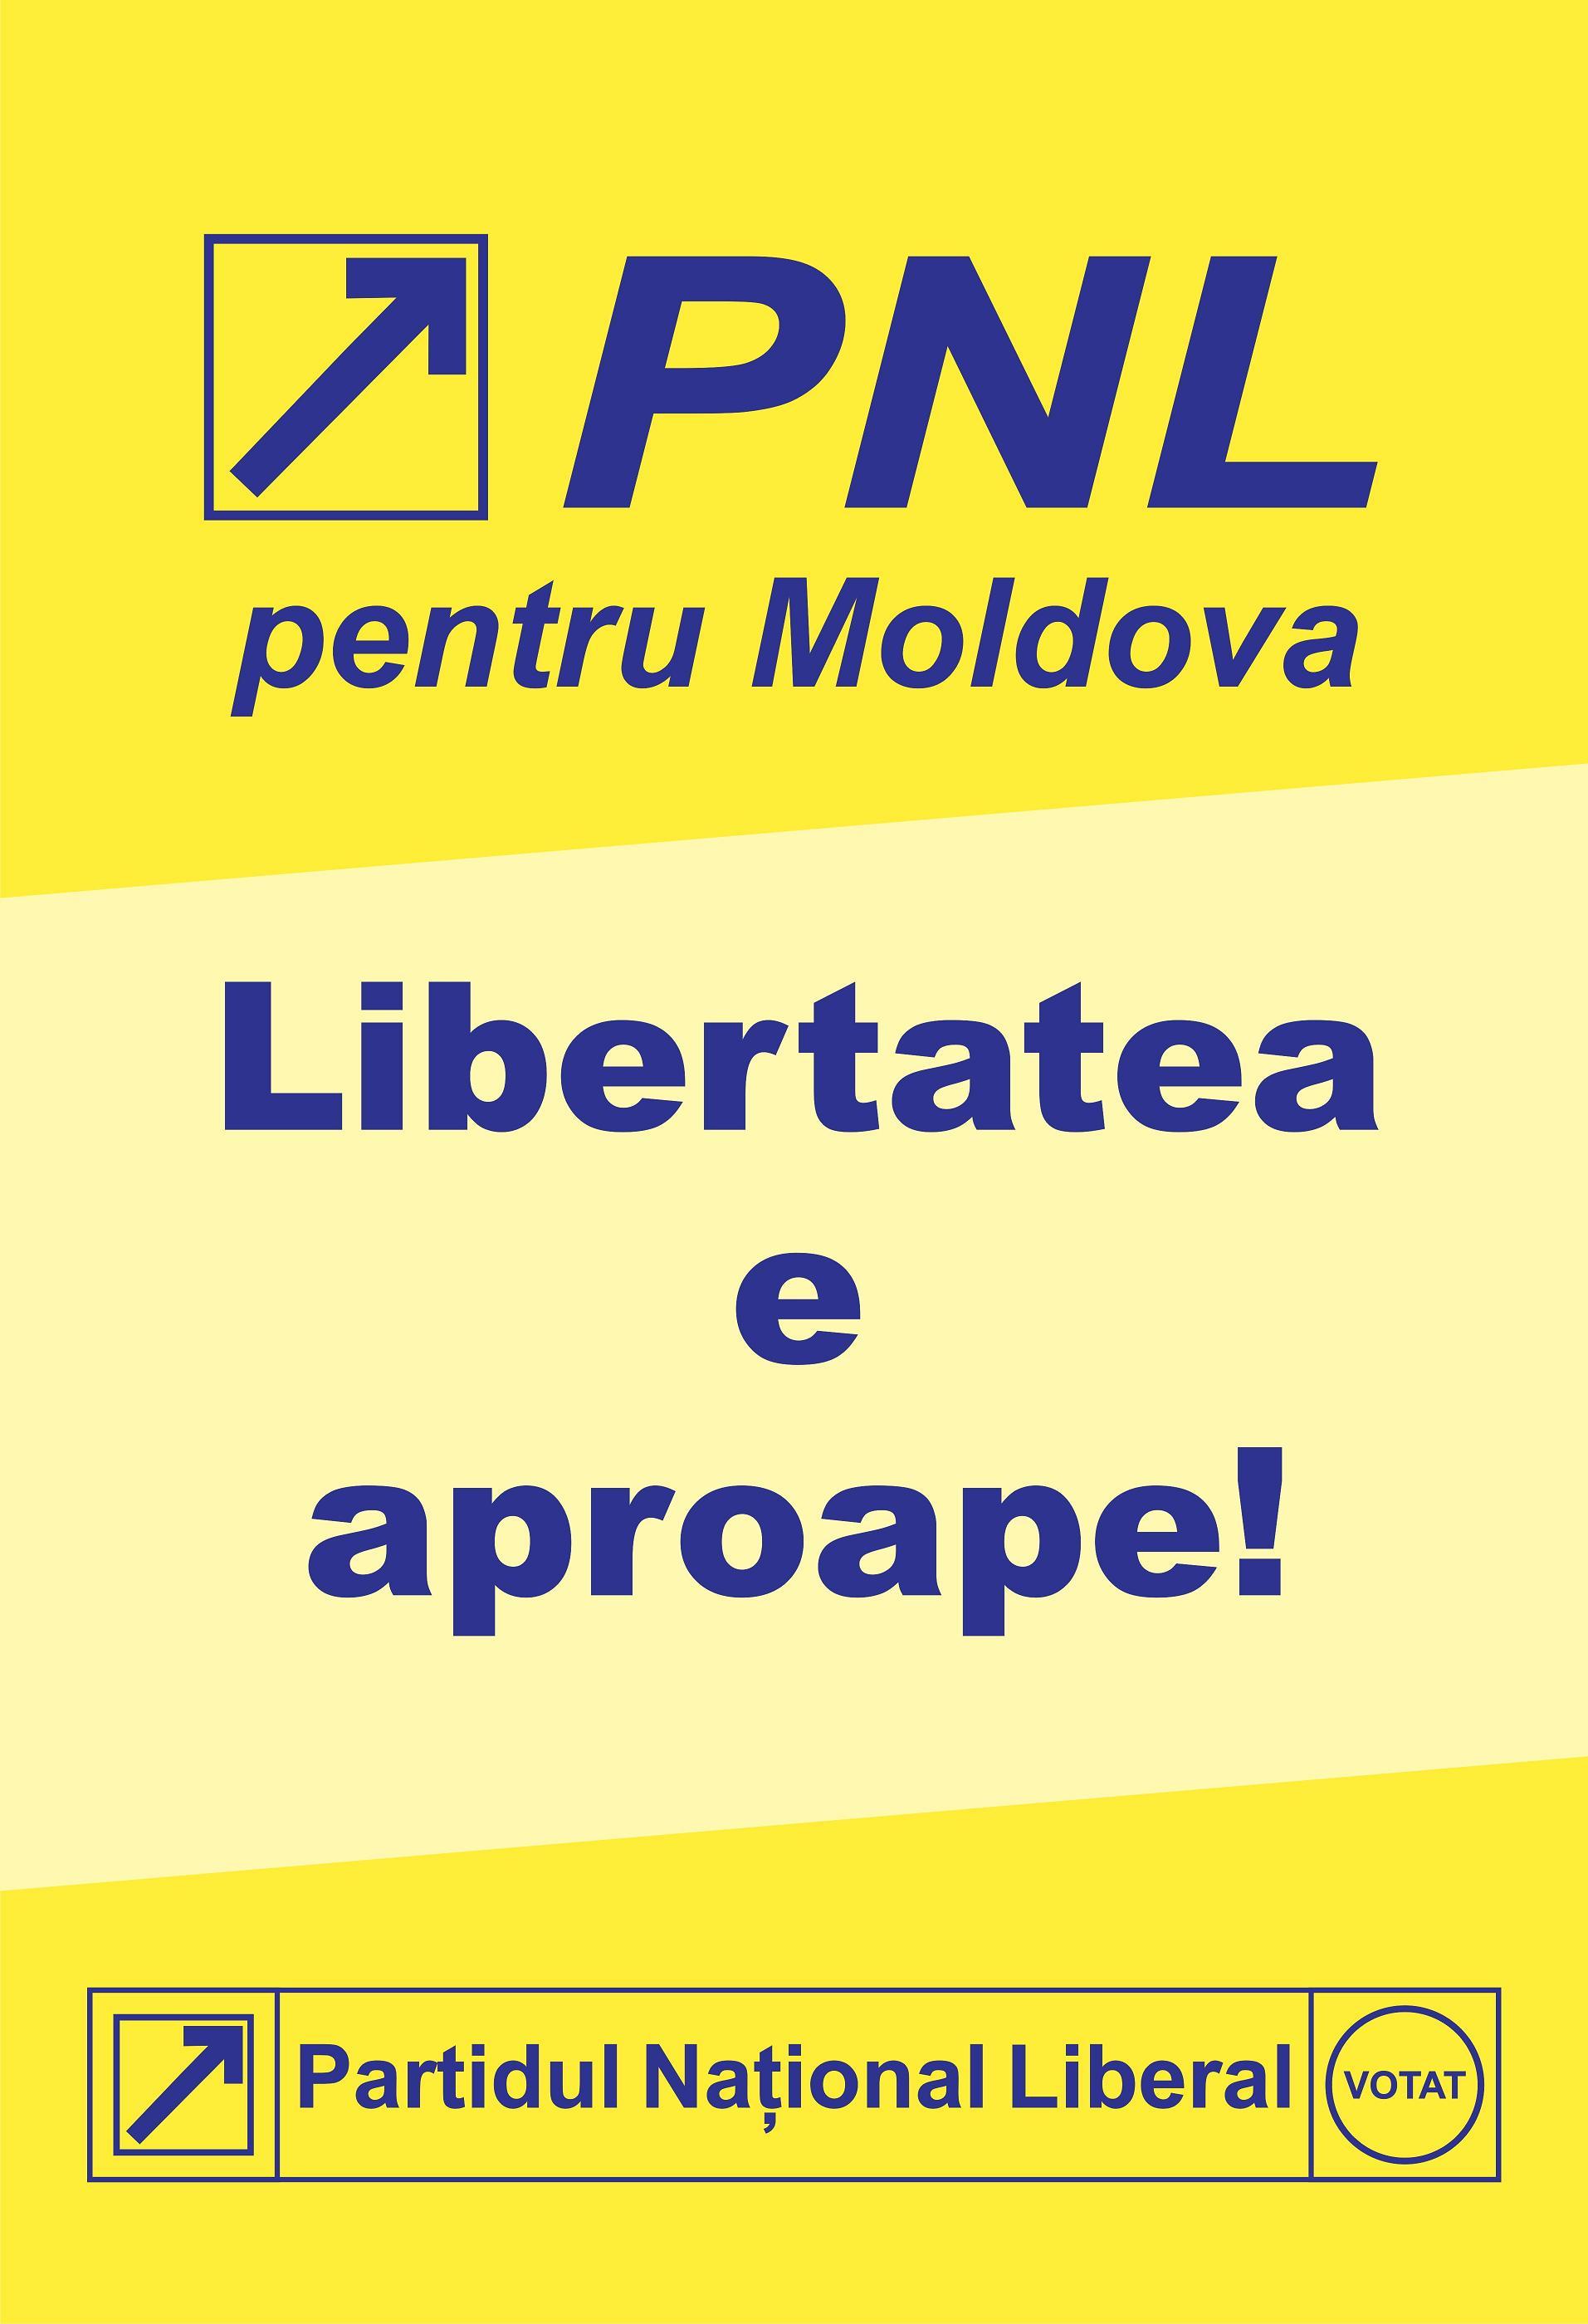 poster-pnl-2.jpg